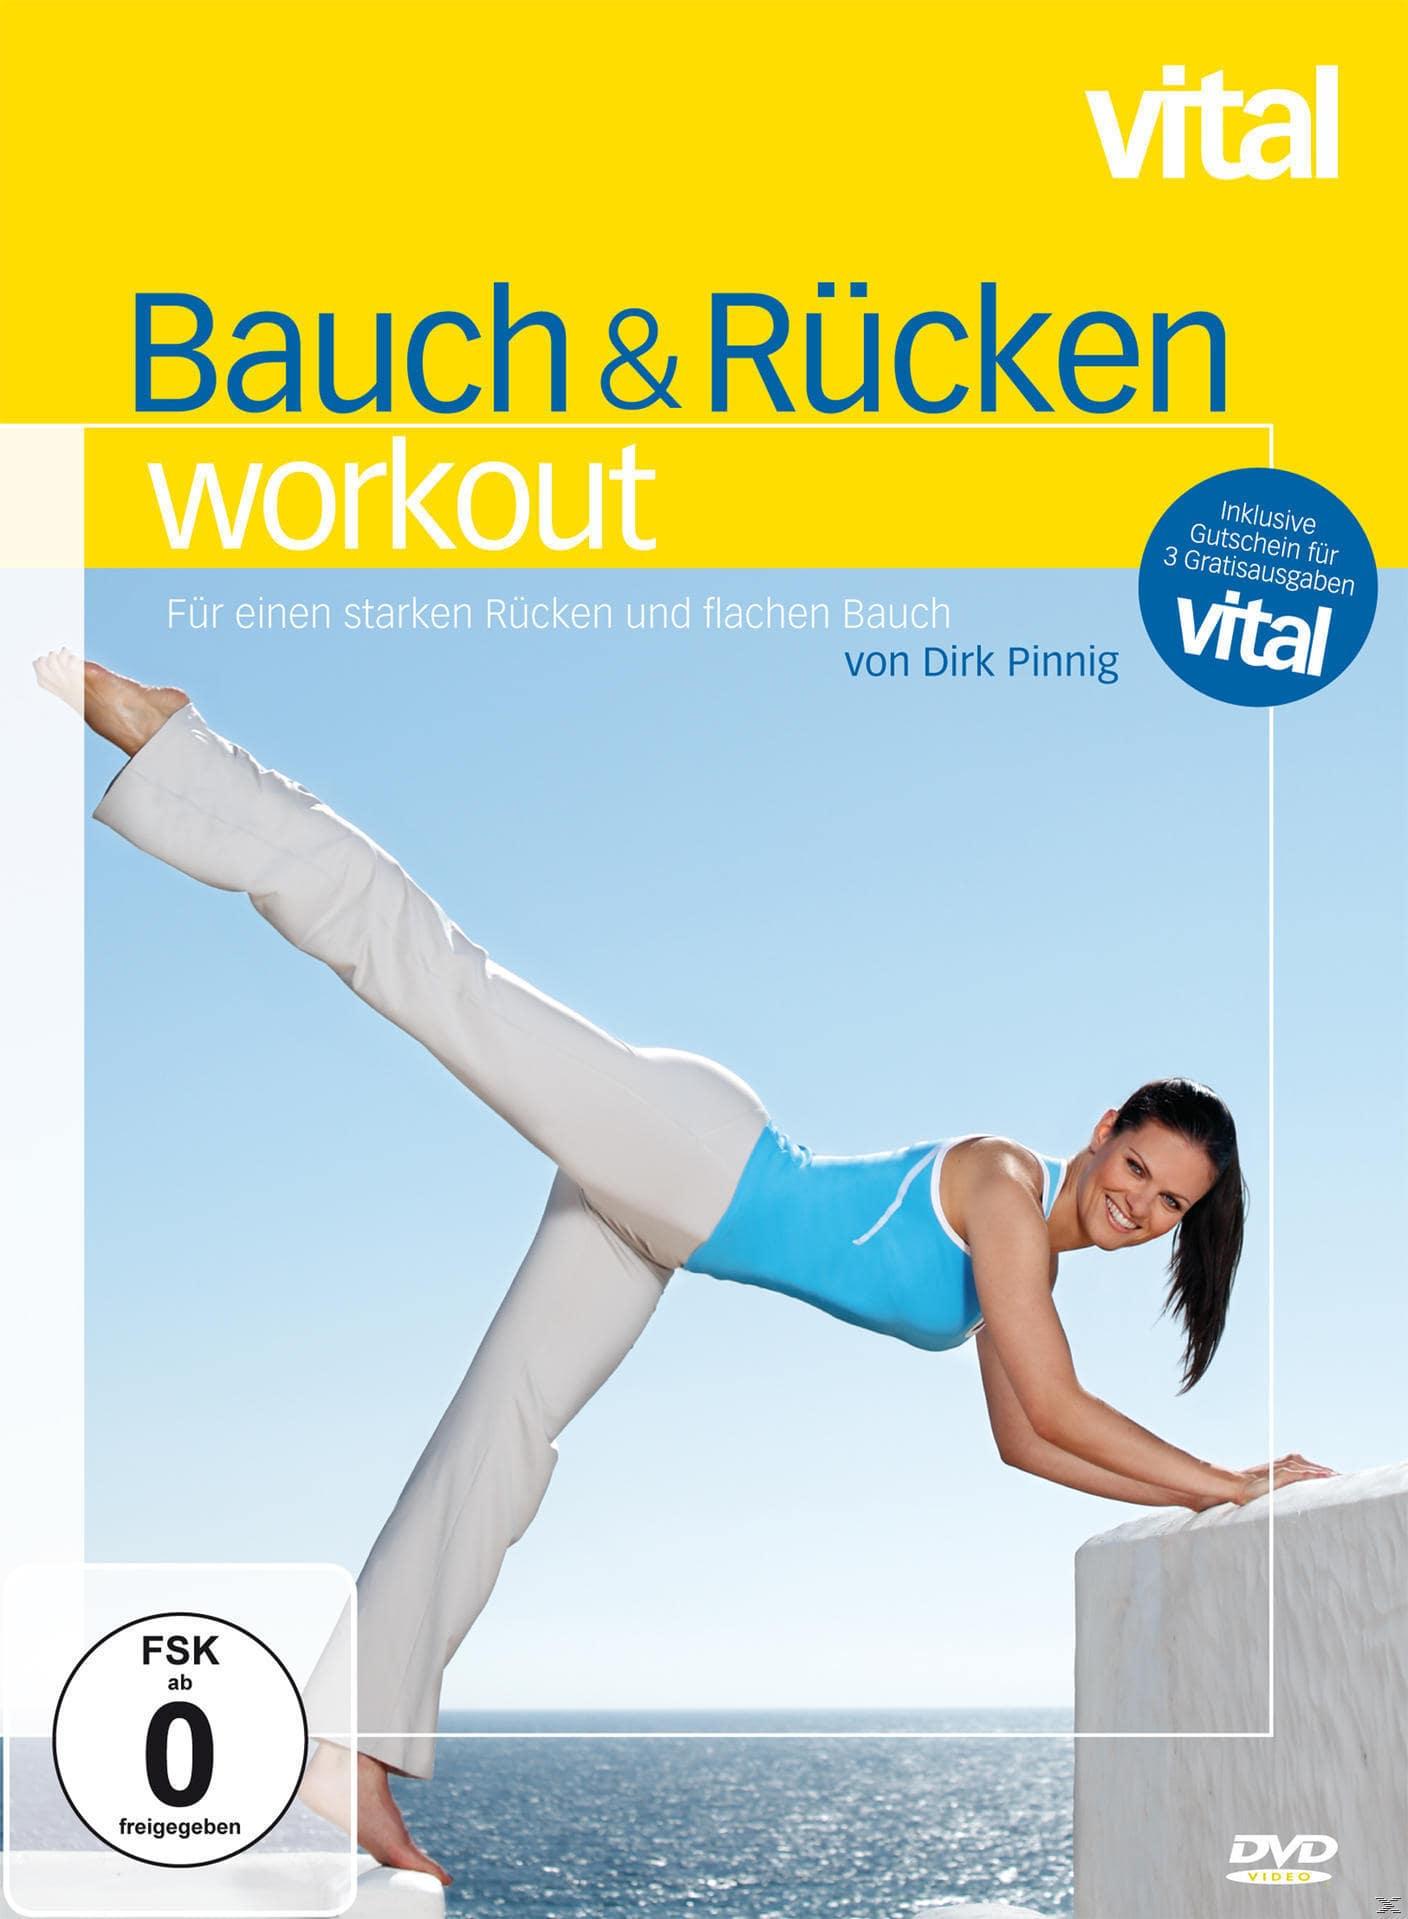 vital - Bauch & Rücken Workout (DVD) für 18,49 Euro